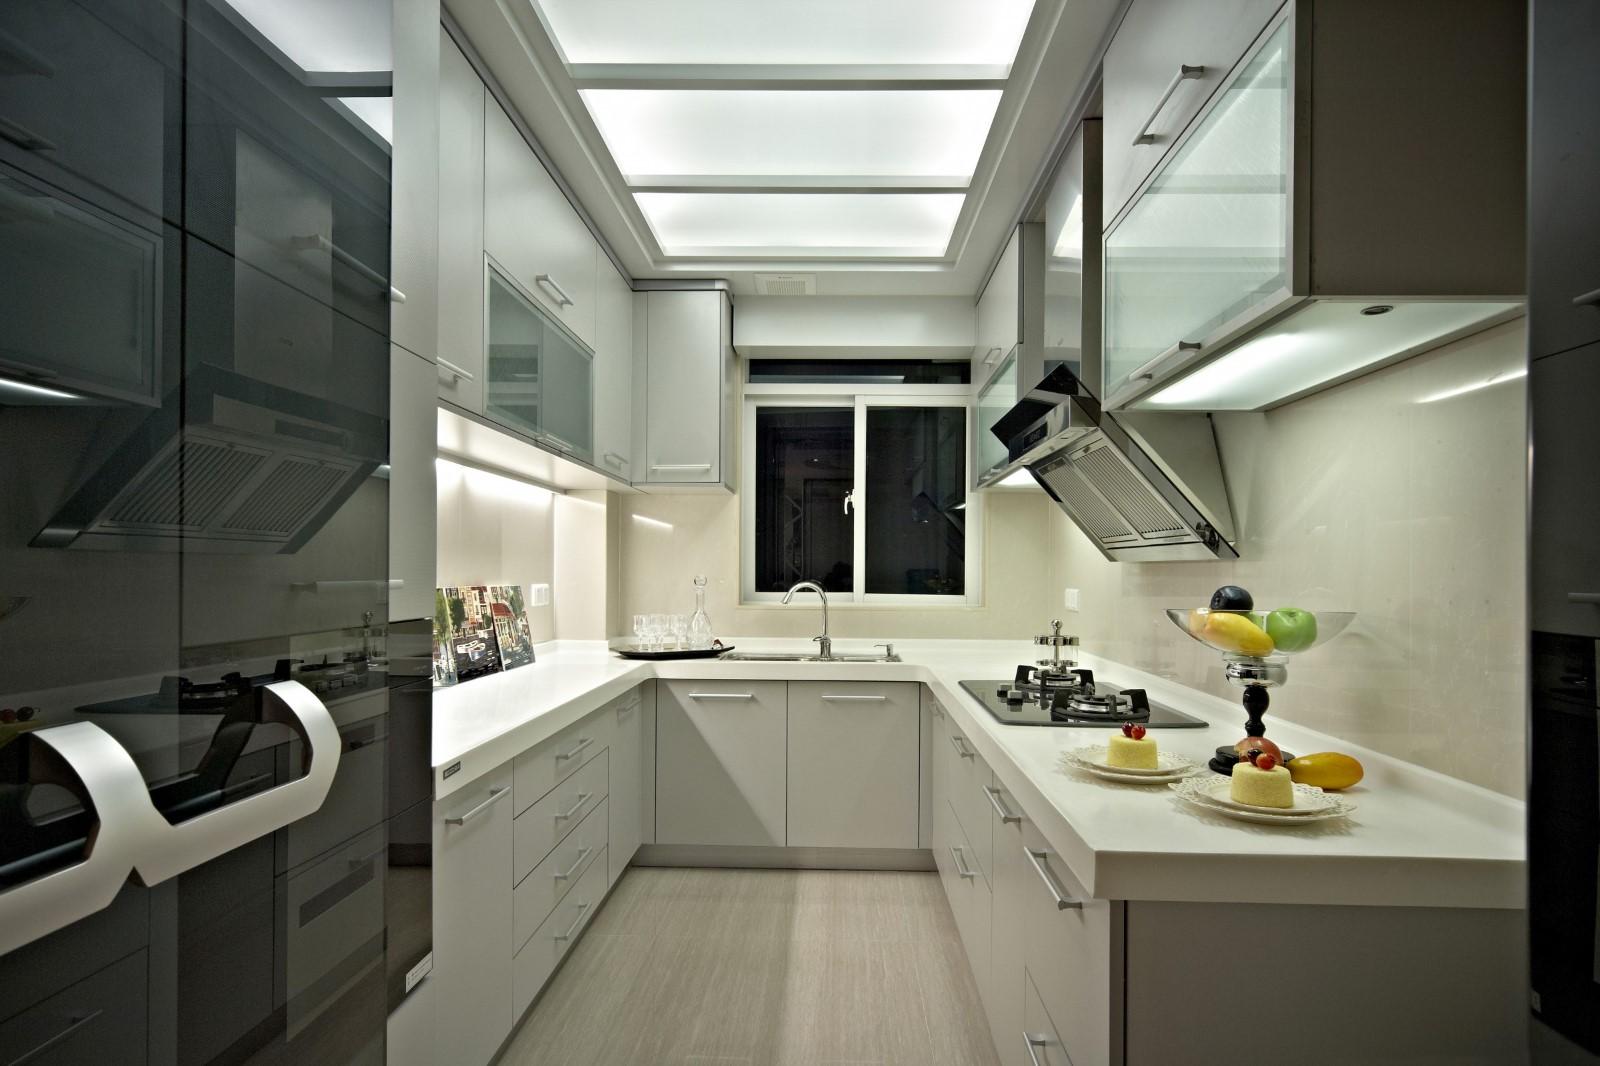 新古典三居室厨房装修效果图